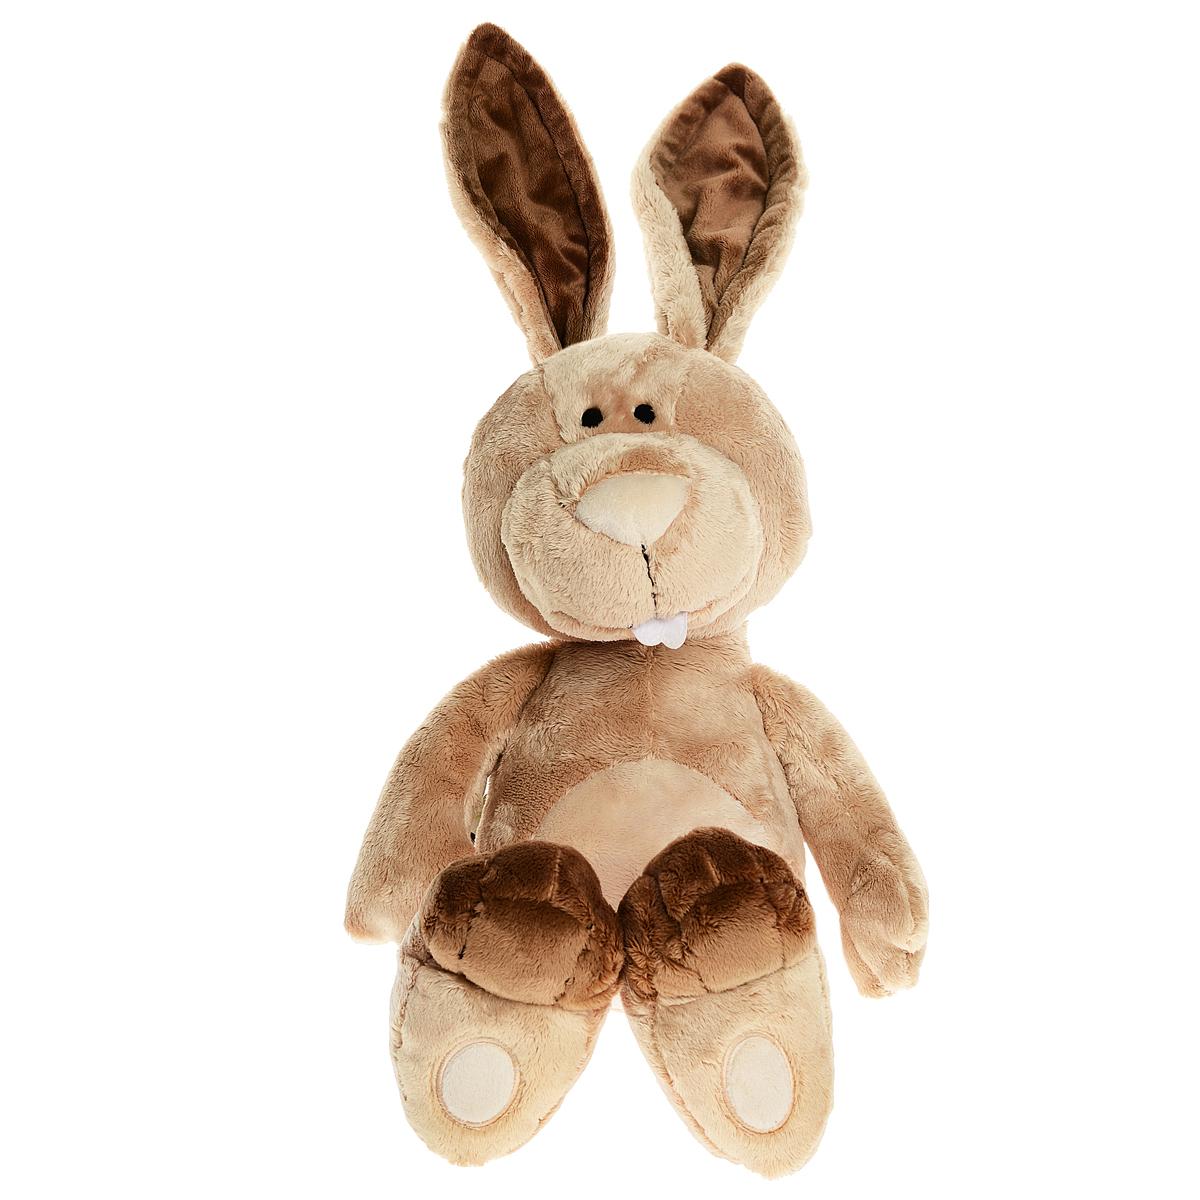 Мягкая игрушка Nici Кролик Ральф, сидячая, 50 см36513Очаровательная мягкая игрушка Nici Кролик Ральф подарит вашему ребенку много радости и веселья! Она выполнена из мягких материалов с набивкой из синтепона и гранул в виде симпатичного бежевого кролика с длинными ушками и пушистым хвостиком. Игрушка удивительно приятна на ощупь. Гранулы, используемые при ее набивке, способствуют развитию у ребенка мелкой моторики пальчиков. Внутри ушек имеется проволочный каркас, им можно придать любое положение. Можно играть с малышом в прятки: спрятать Ральфа за его ушками и снова найти. Чудесная мягкая игрушка принесет радость и подарит своему обладателю мгновения нежных объятий и приятных воспоминаний. NICI - немецкая компания, являющаяся одним из лидеров на Европейском рынке мягких игрушек и подарков. Игрушки NICI стали неотъемлемой частью жизни многих людей в самых разных уголках нашей планеты.